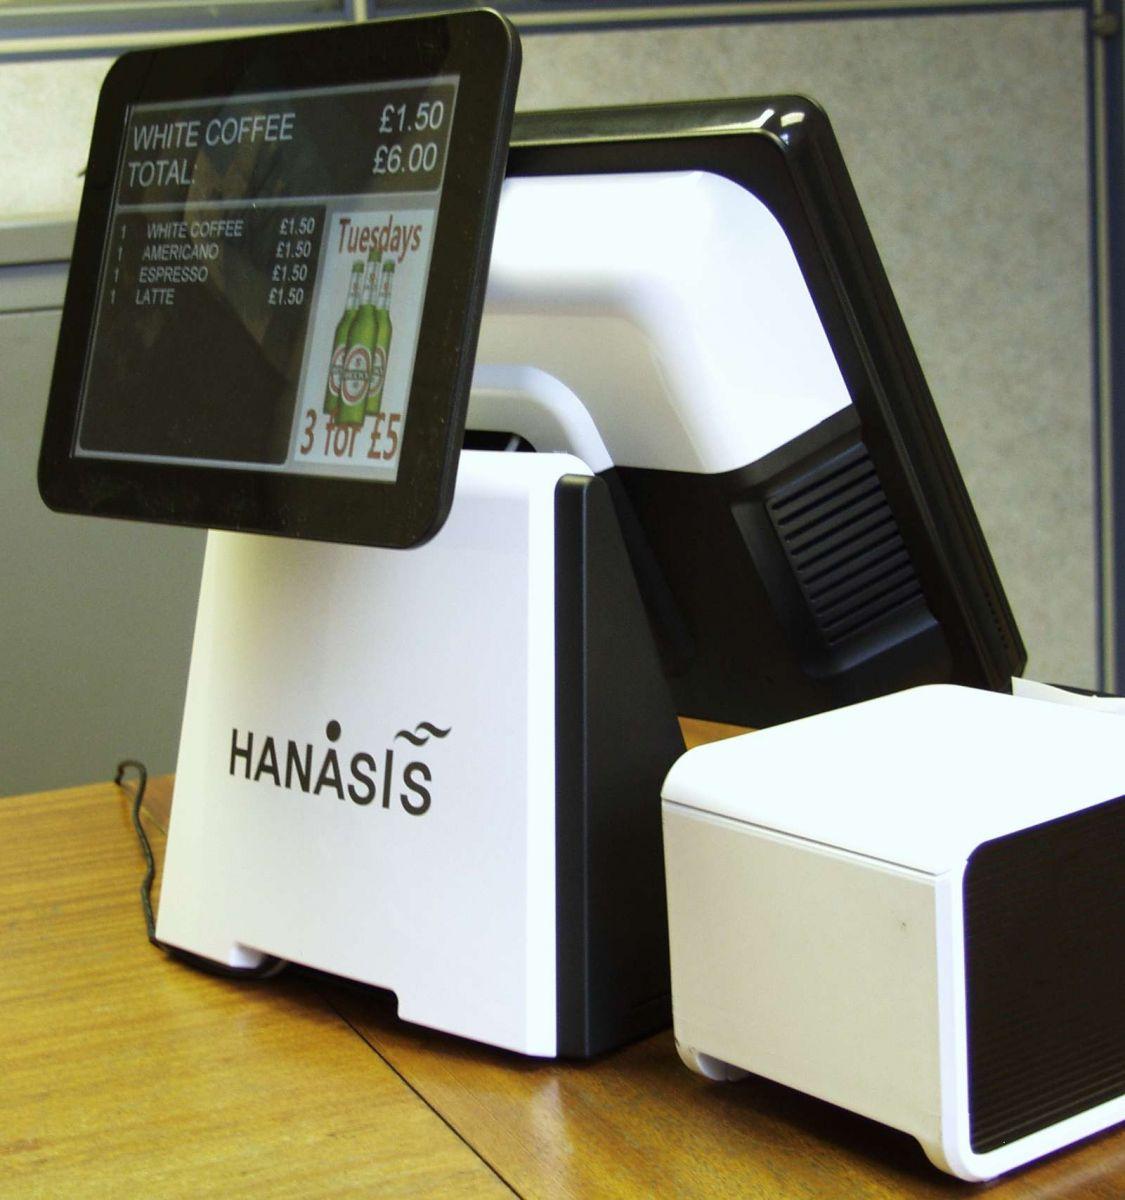 Hanasis Nizon with a nice big customer facing display